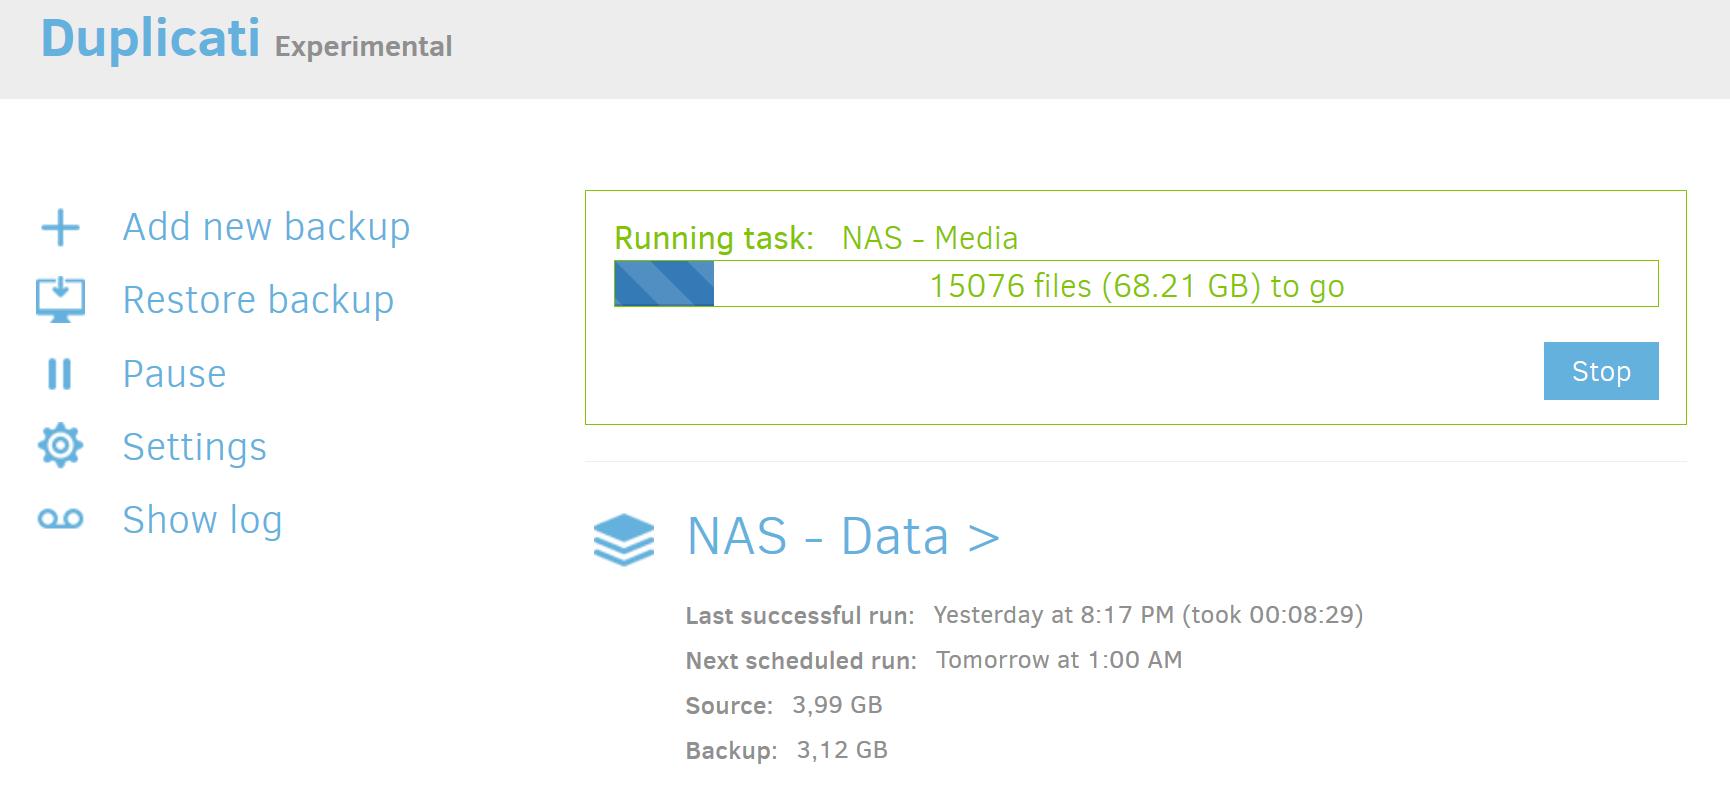 duplicati-screenshot